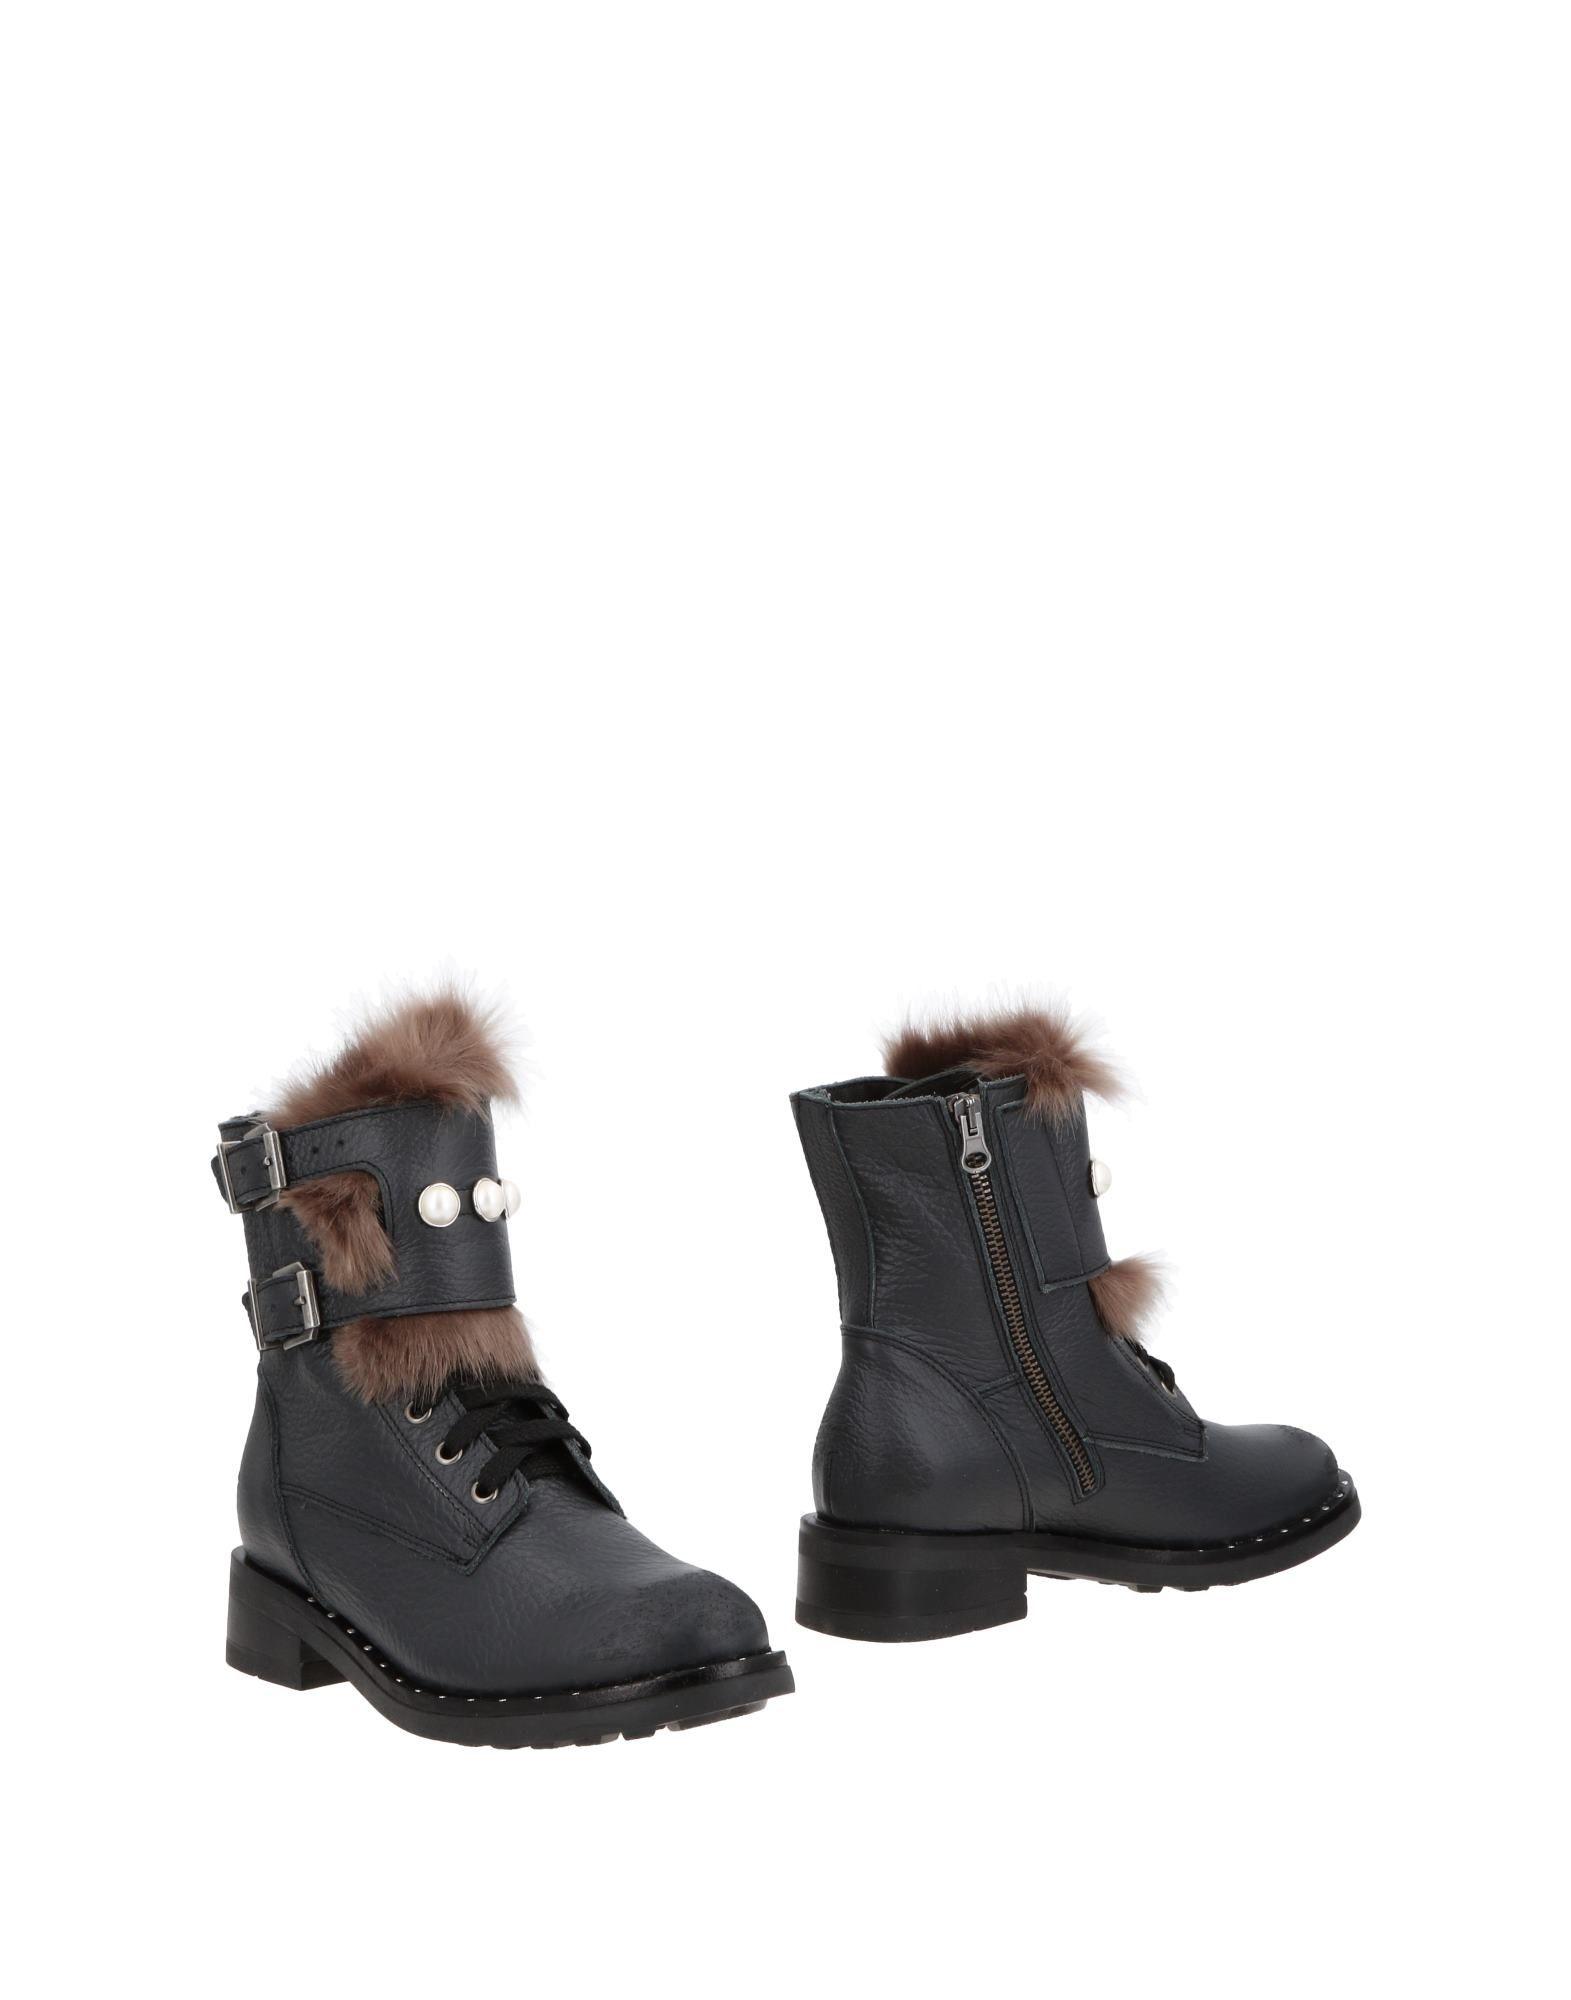 Penelope Gute Stiefelette Damen  11496133BO Gute Penelope Qualität beliebte Schuhe 4b8998